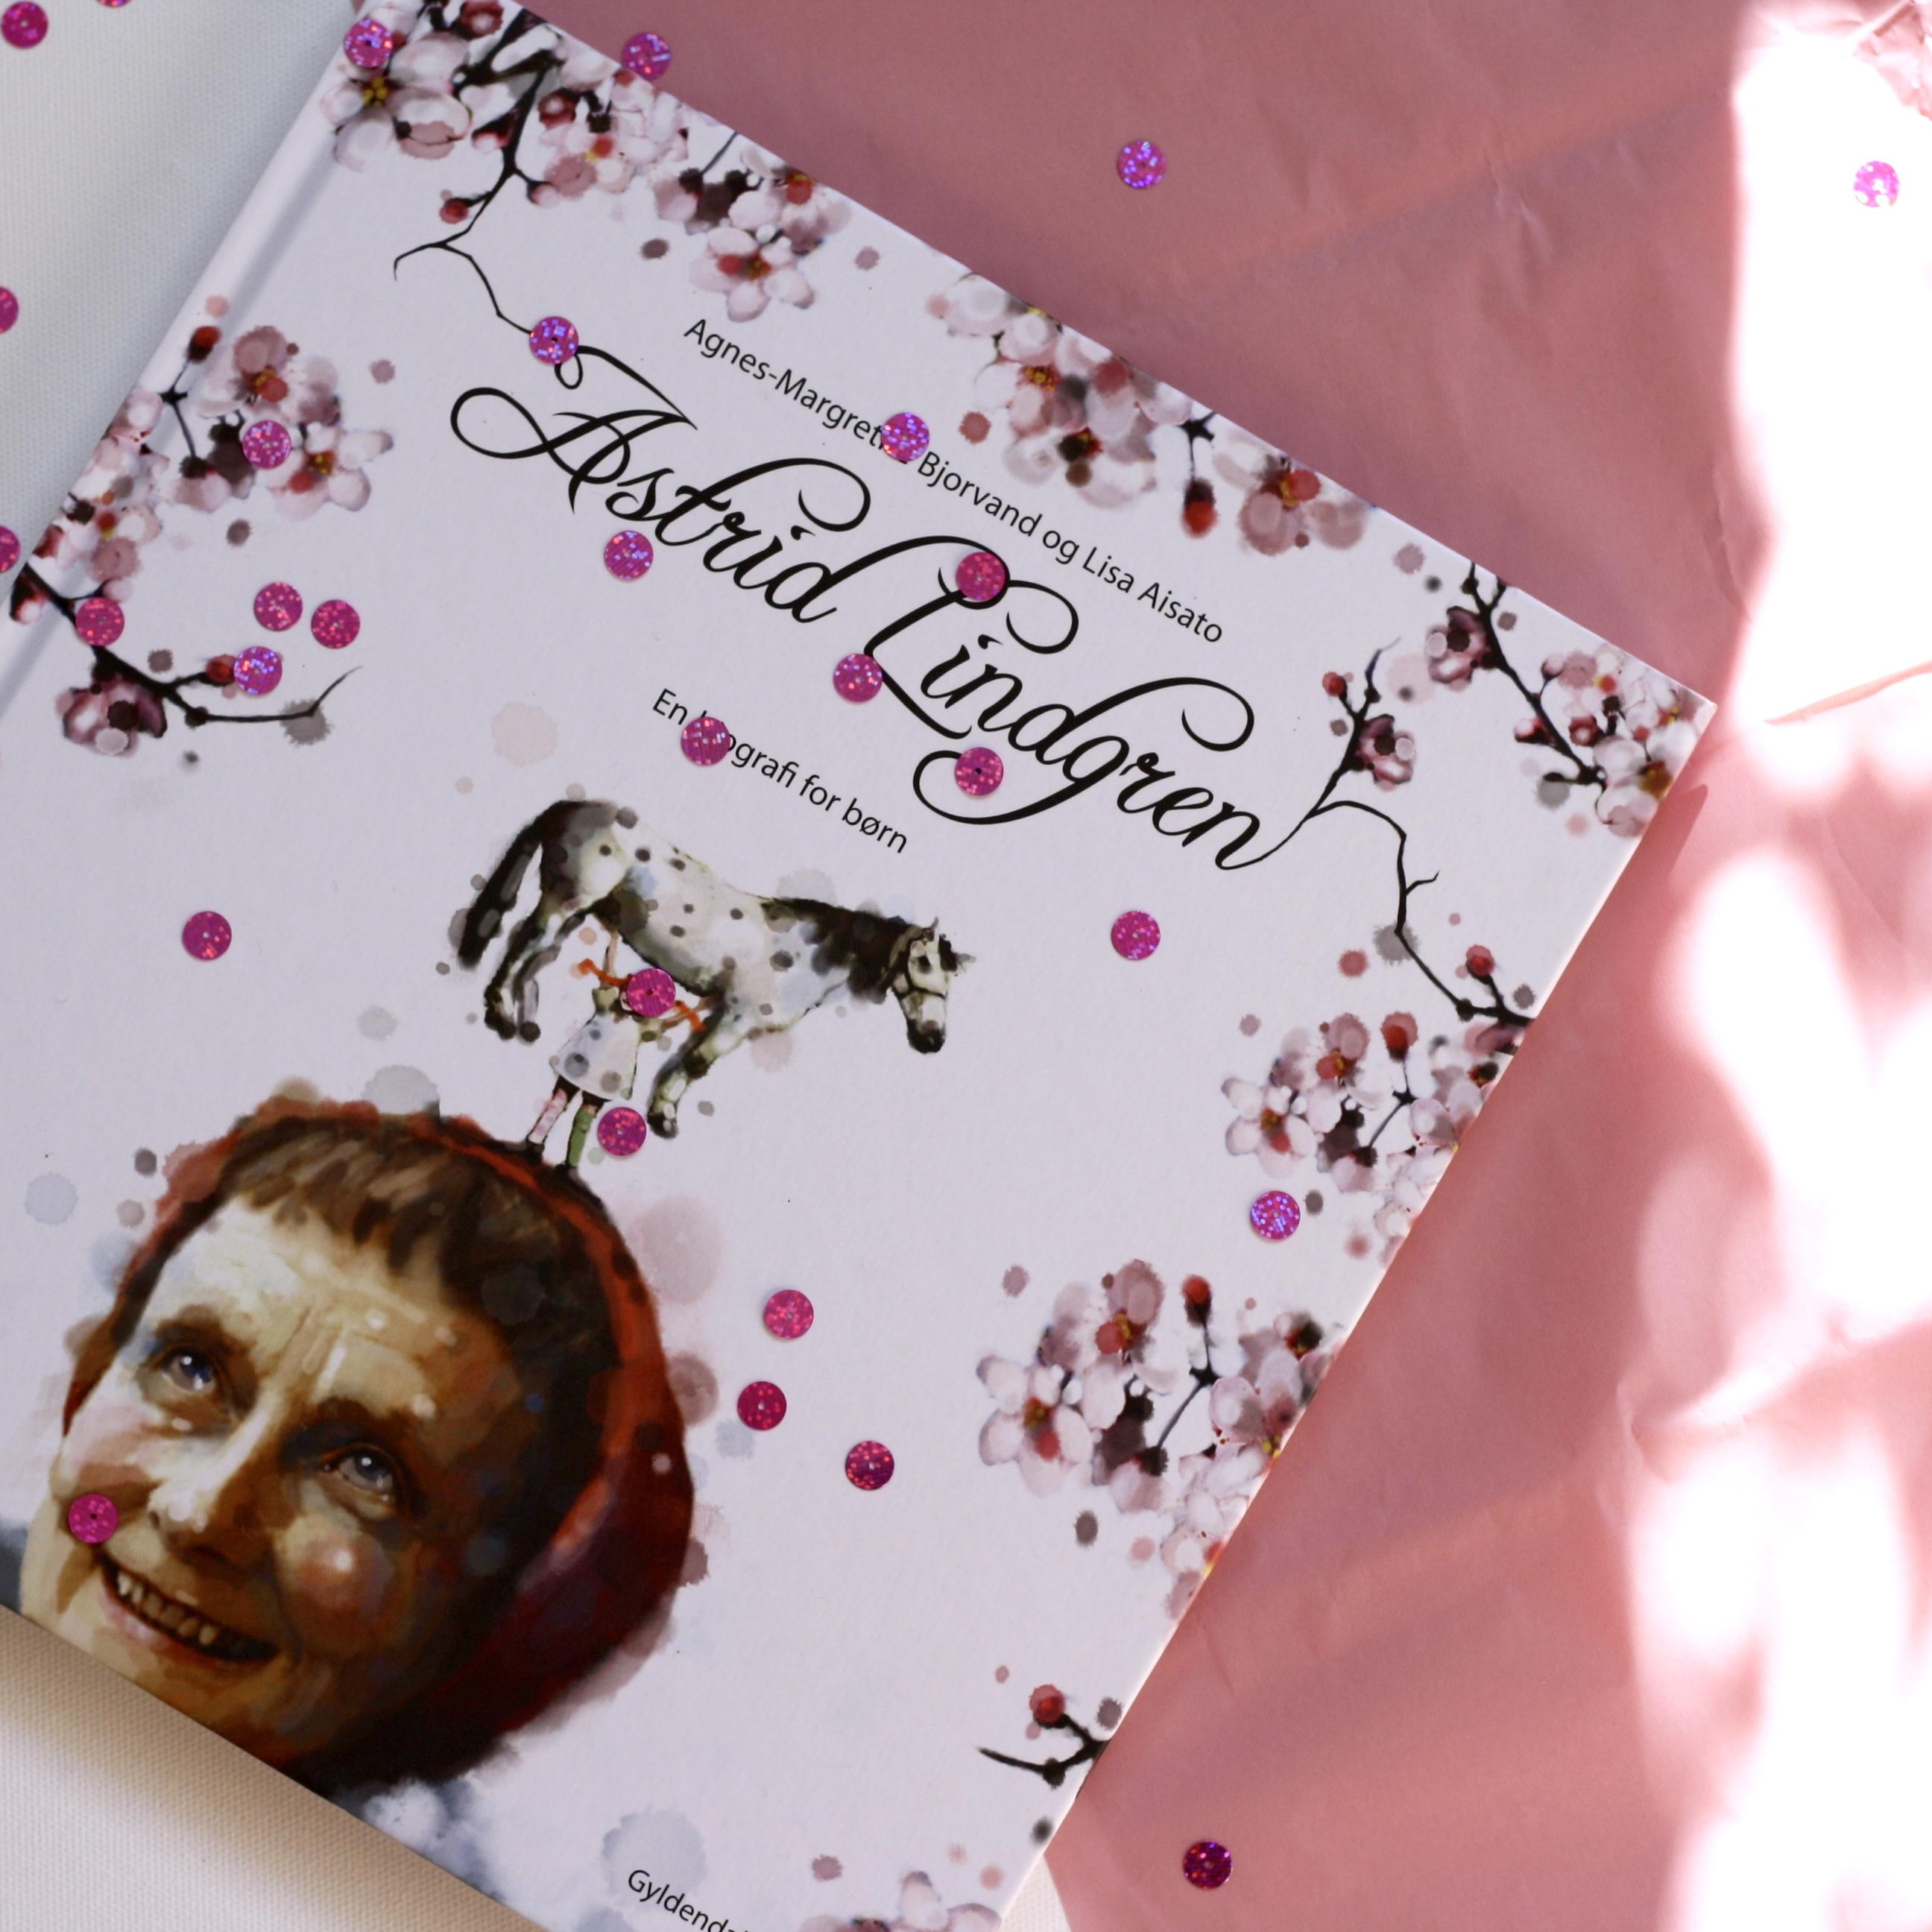 Astrid Lindgren - en biografi for børn, Agnes-Margrethe Bjorvand, Lisa Aisato